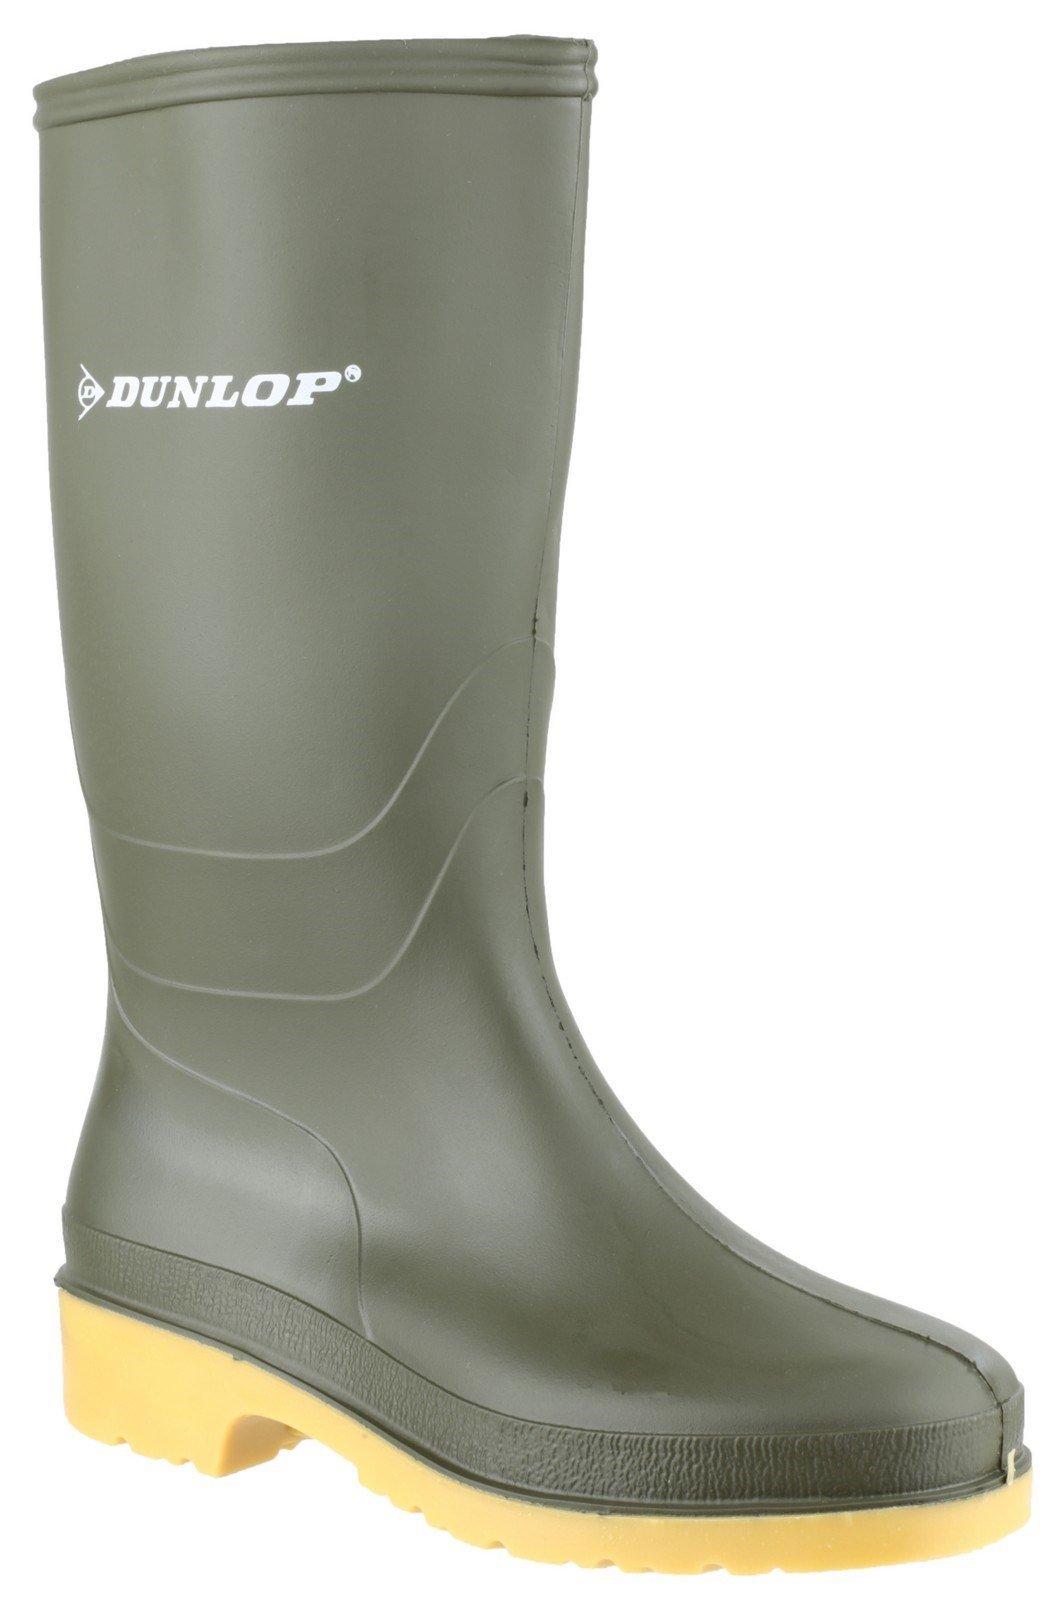 Dunlop Kids Dull Wellington Boots Green 22229 - Green 10 UK